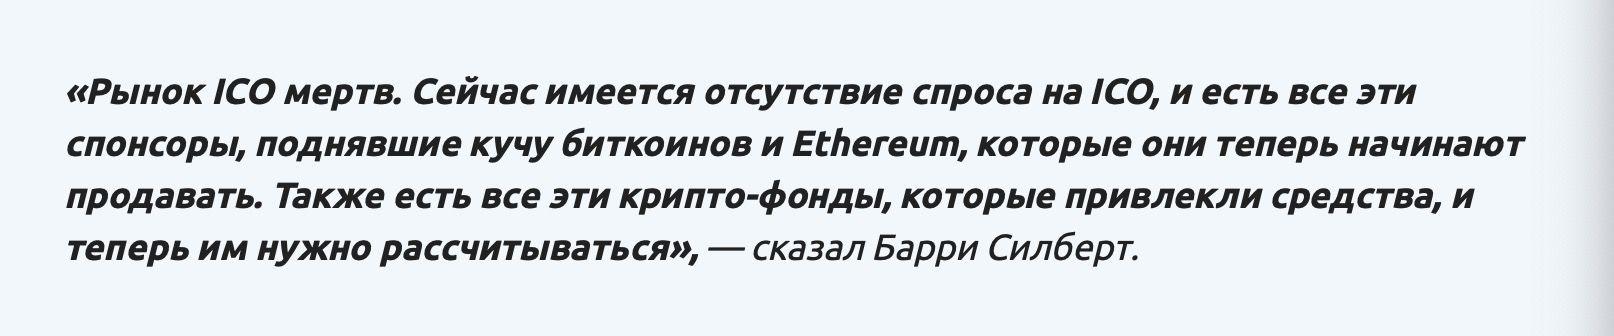 rynok-ico-mertv-no-rost-kripto-neuzbezhen-bitbetnews